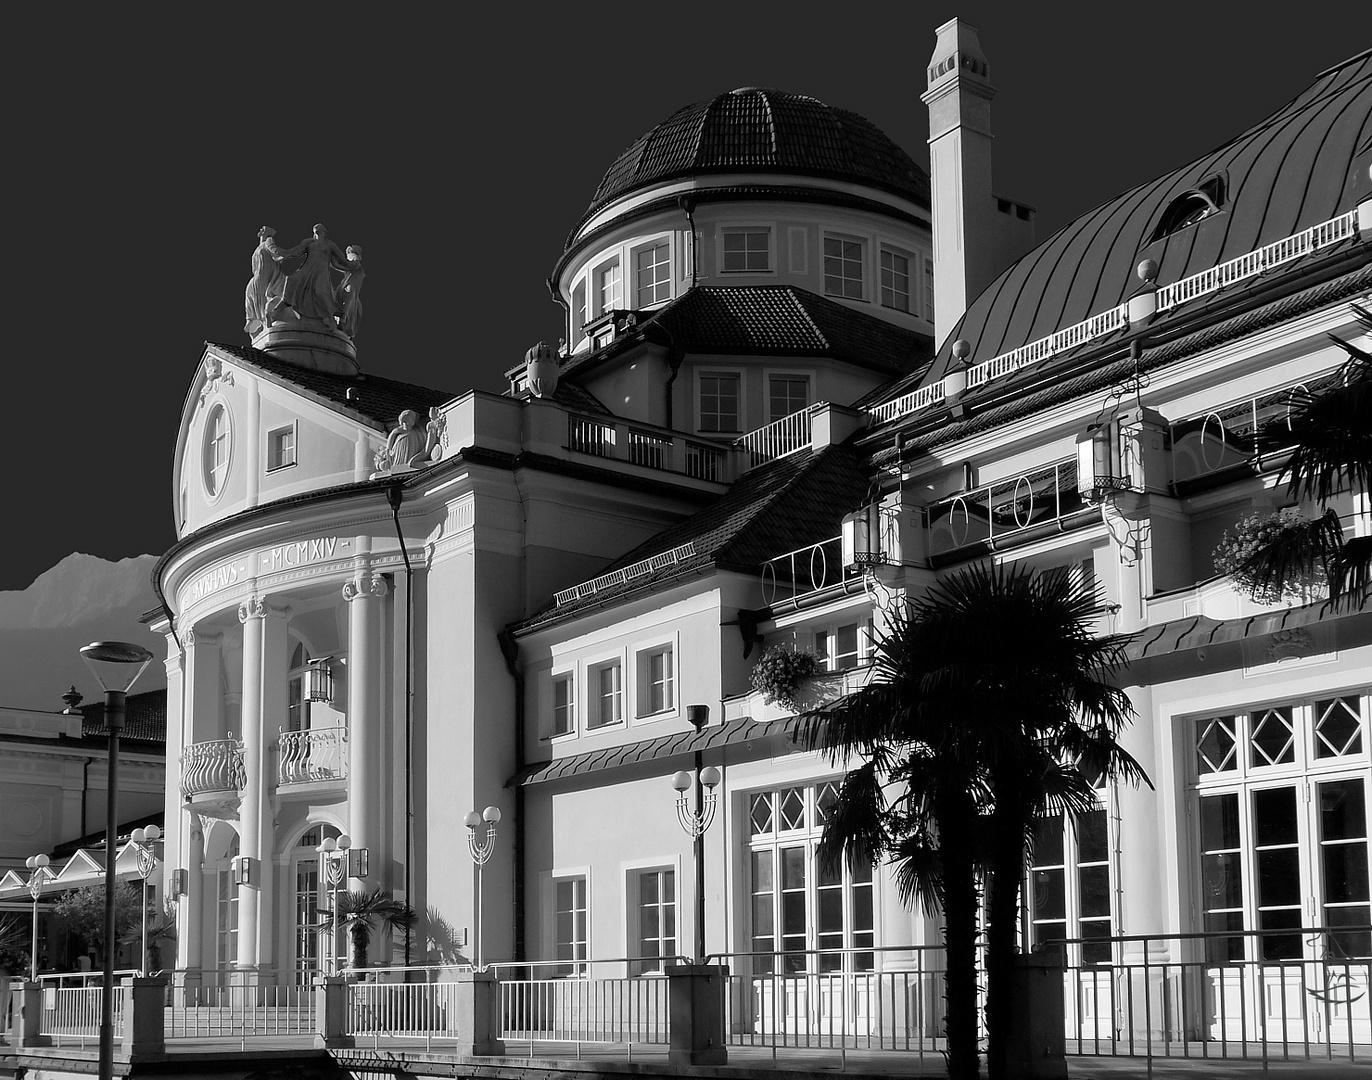 Meran - Das bekannte Kurhaus